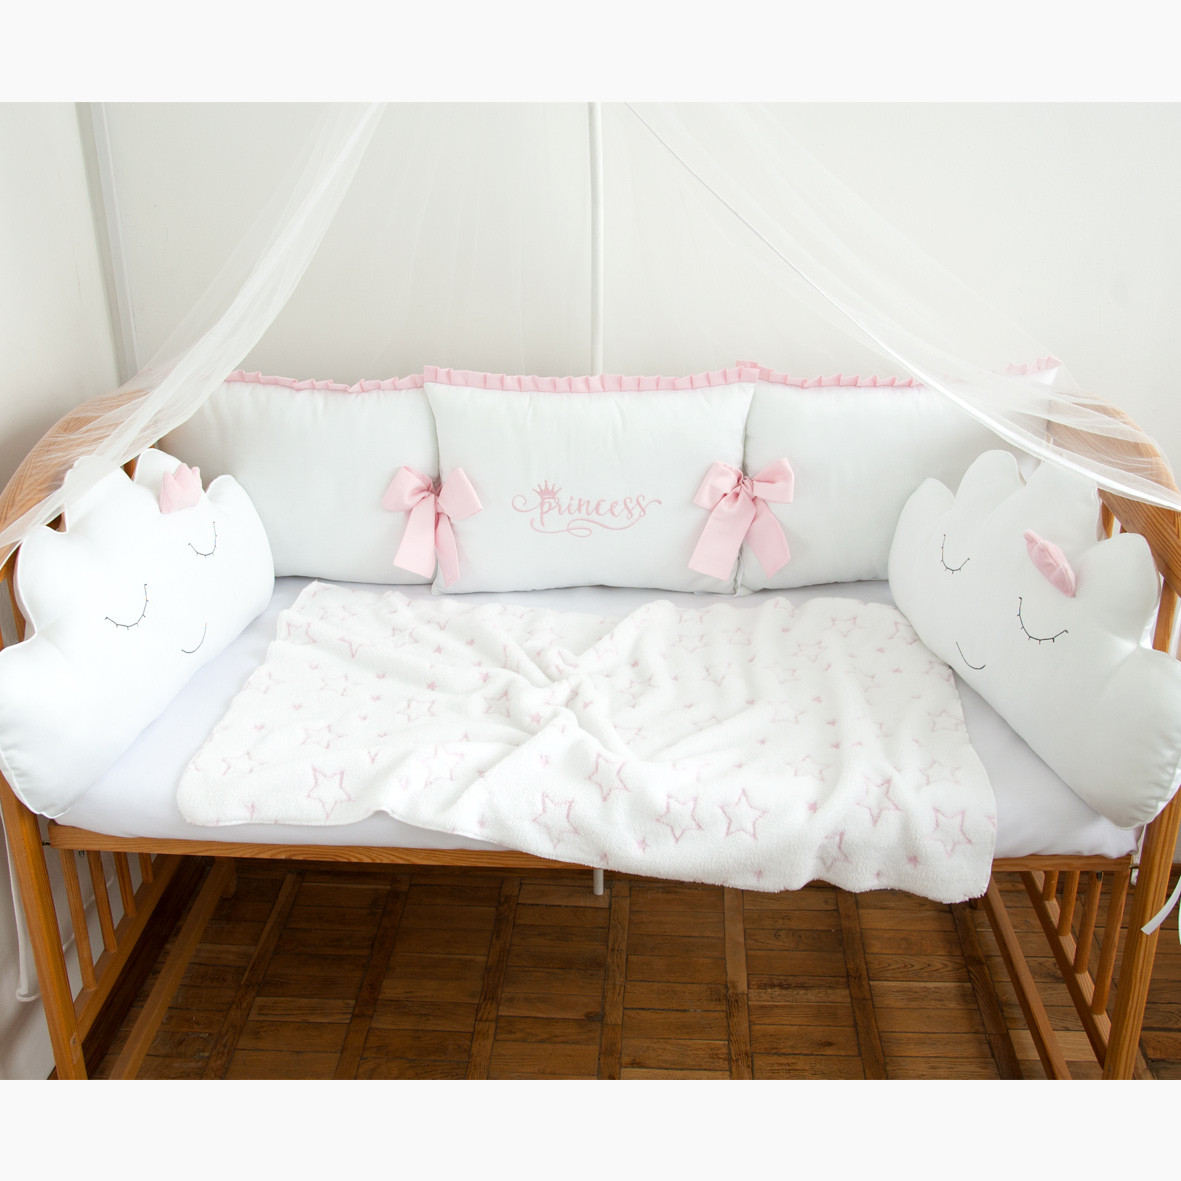 """Бортики в детскую кроватку """"Принцесса"""", сатин"""